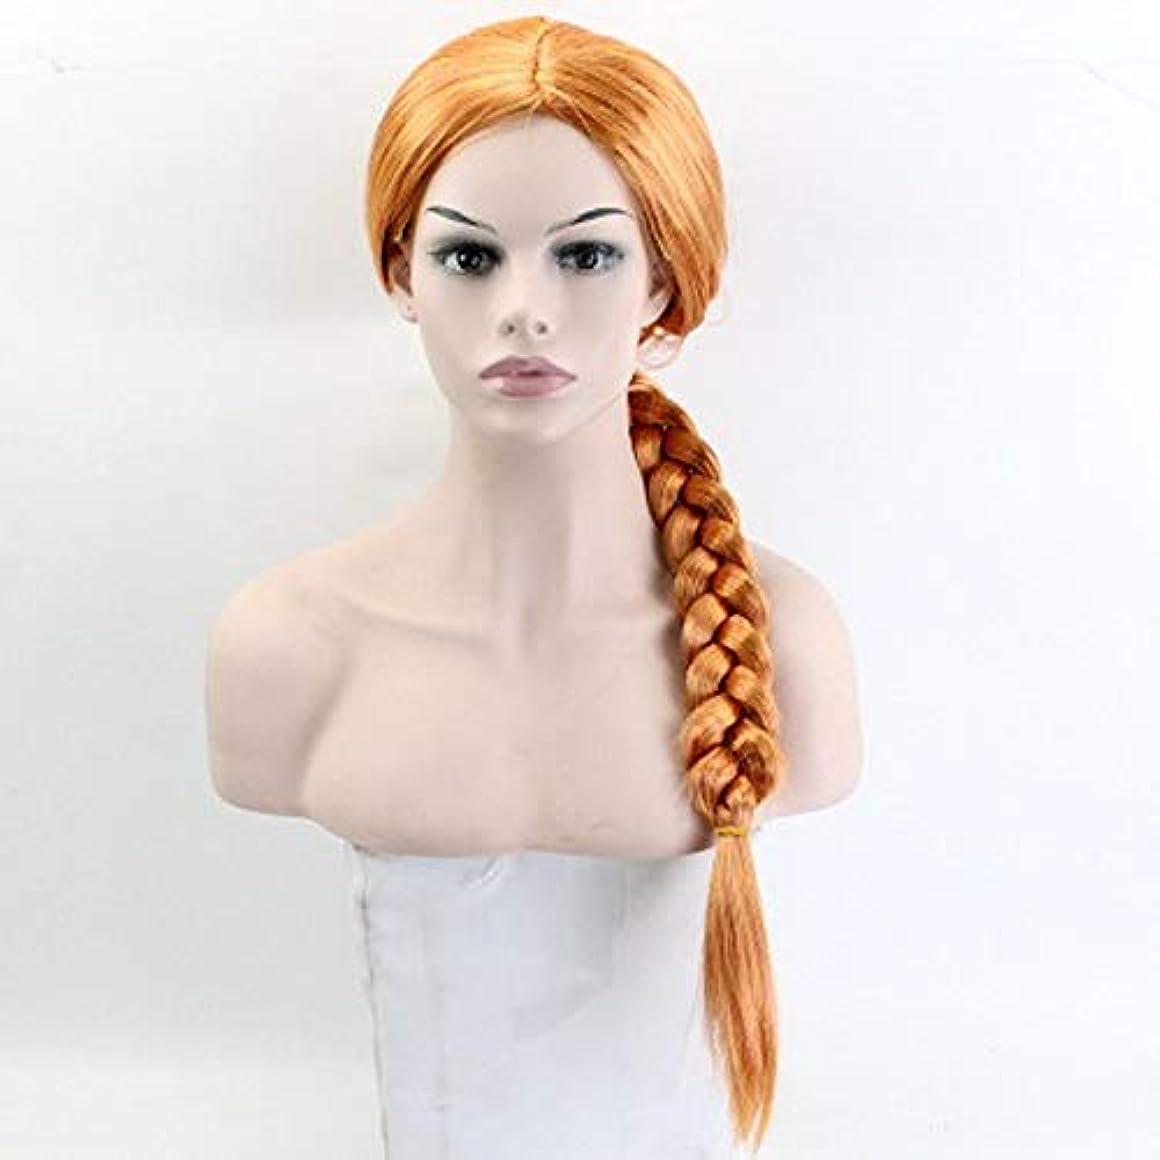 受信現実テメリティ女性のための色のかつら長いウェーブのかかった髪、高密度温度合成かつら女性のグルーレスウェーブのかかったコスプレヘアウィッグ、女性のための耐熱繊維の髪のかつら、紫色のウィッグ47インチ